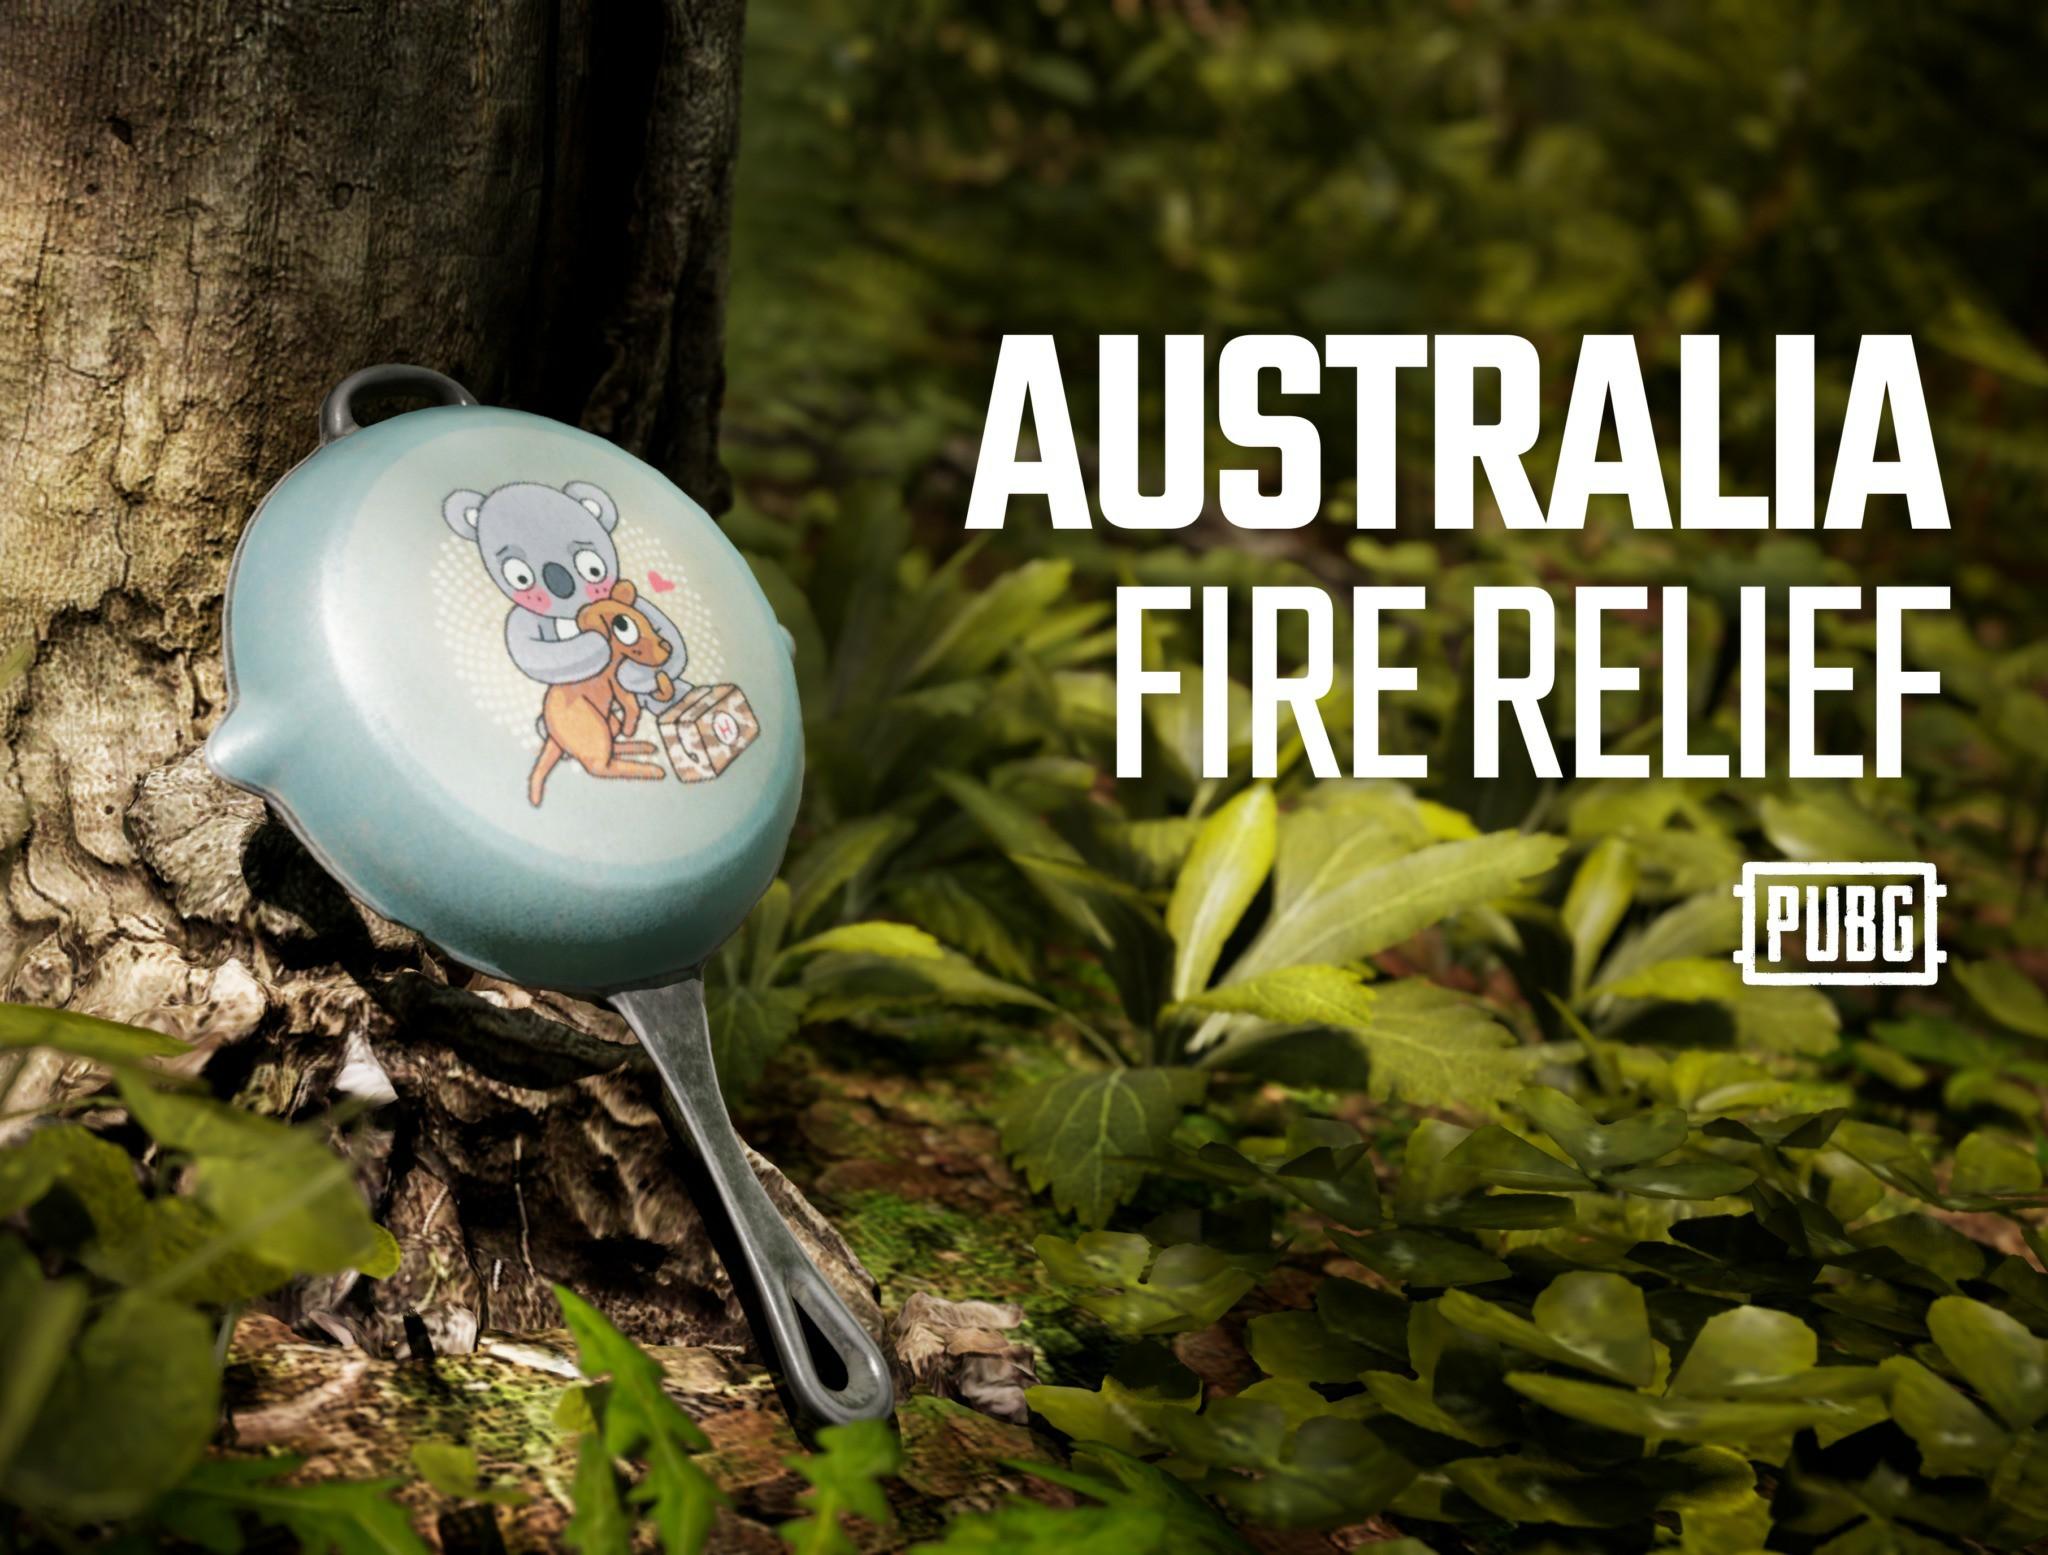 《绝地求生》推出袋鼠考拉平底锅 所得收入捐赠澳洲